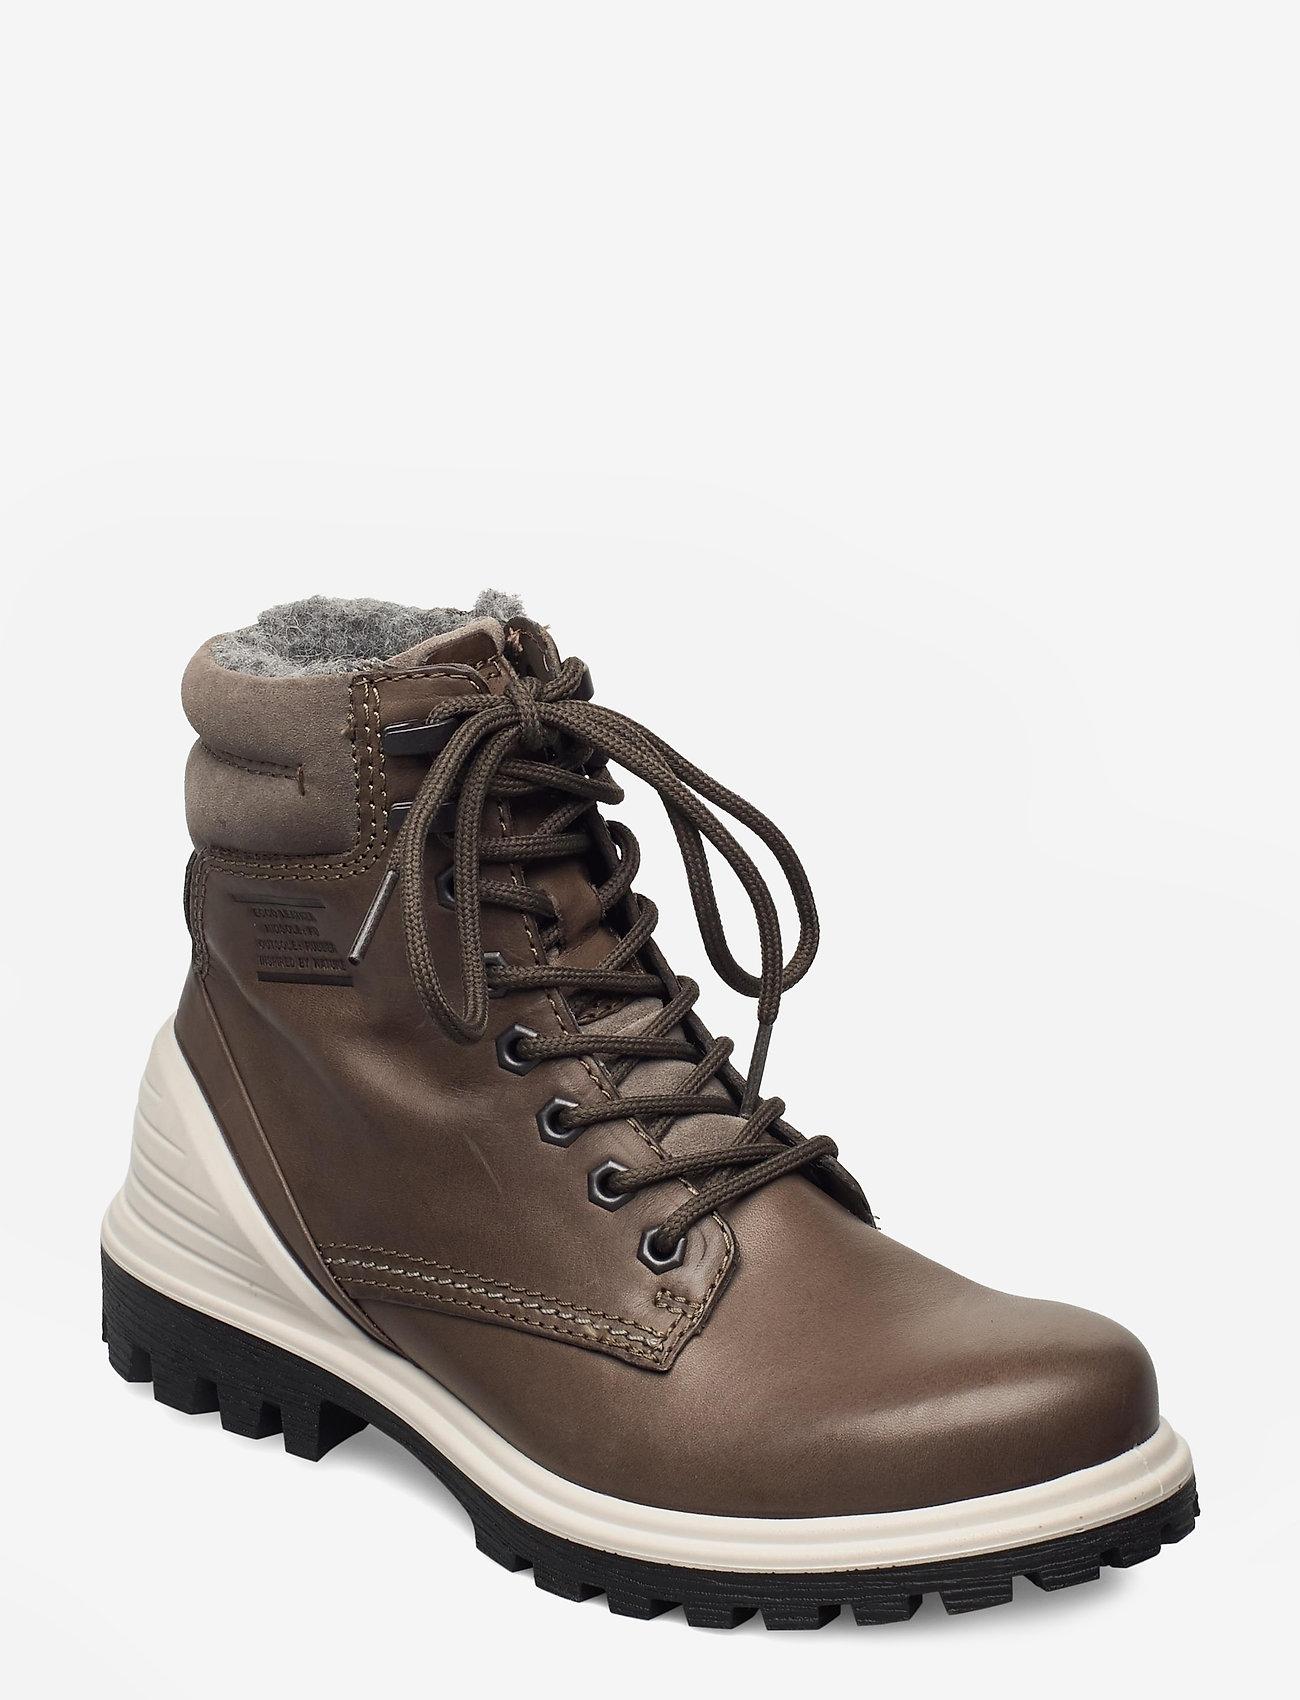 ECCO - TREDTRAY W - flade ankelstøvler - warm grey/warm grey - 1